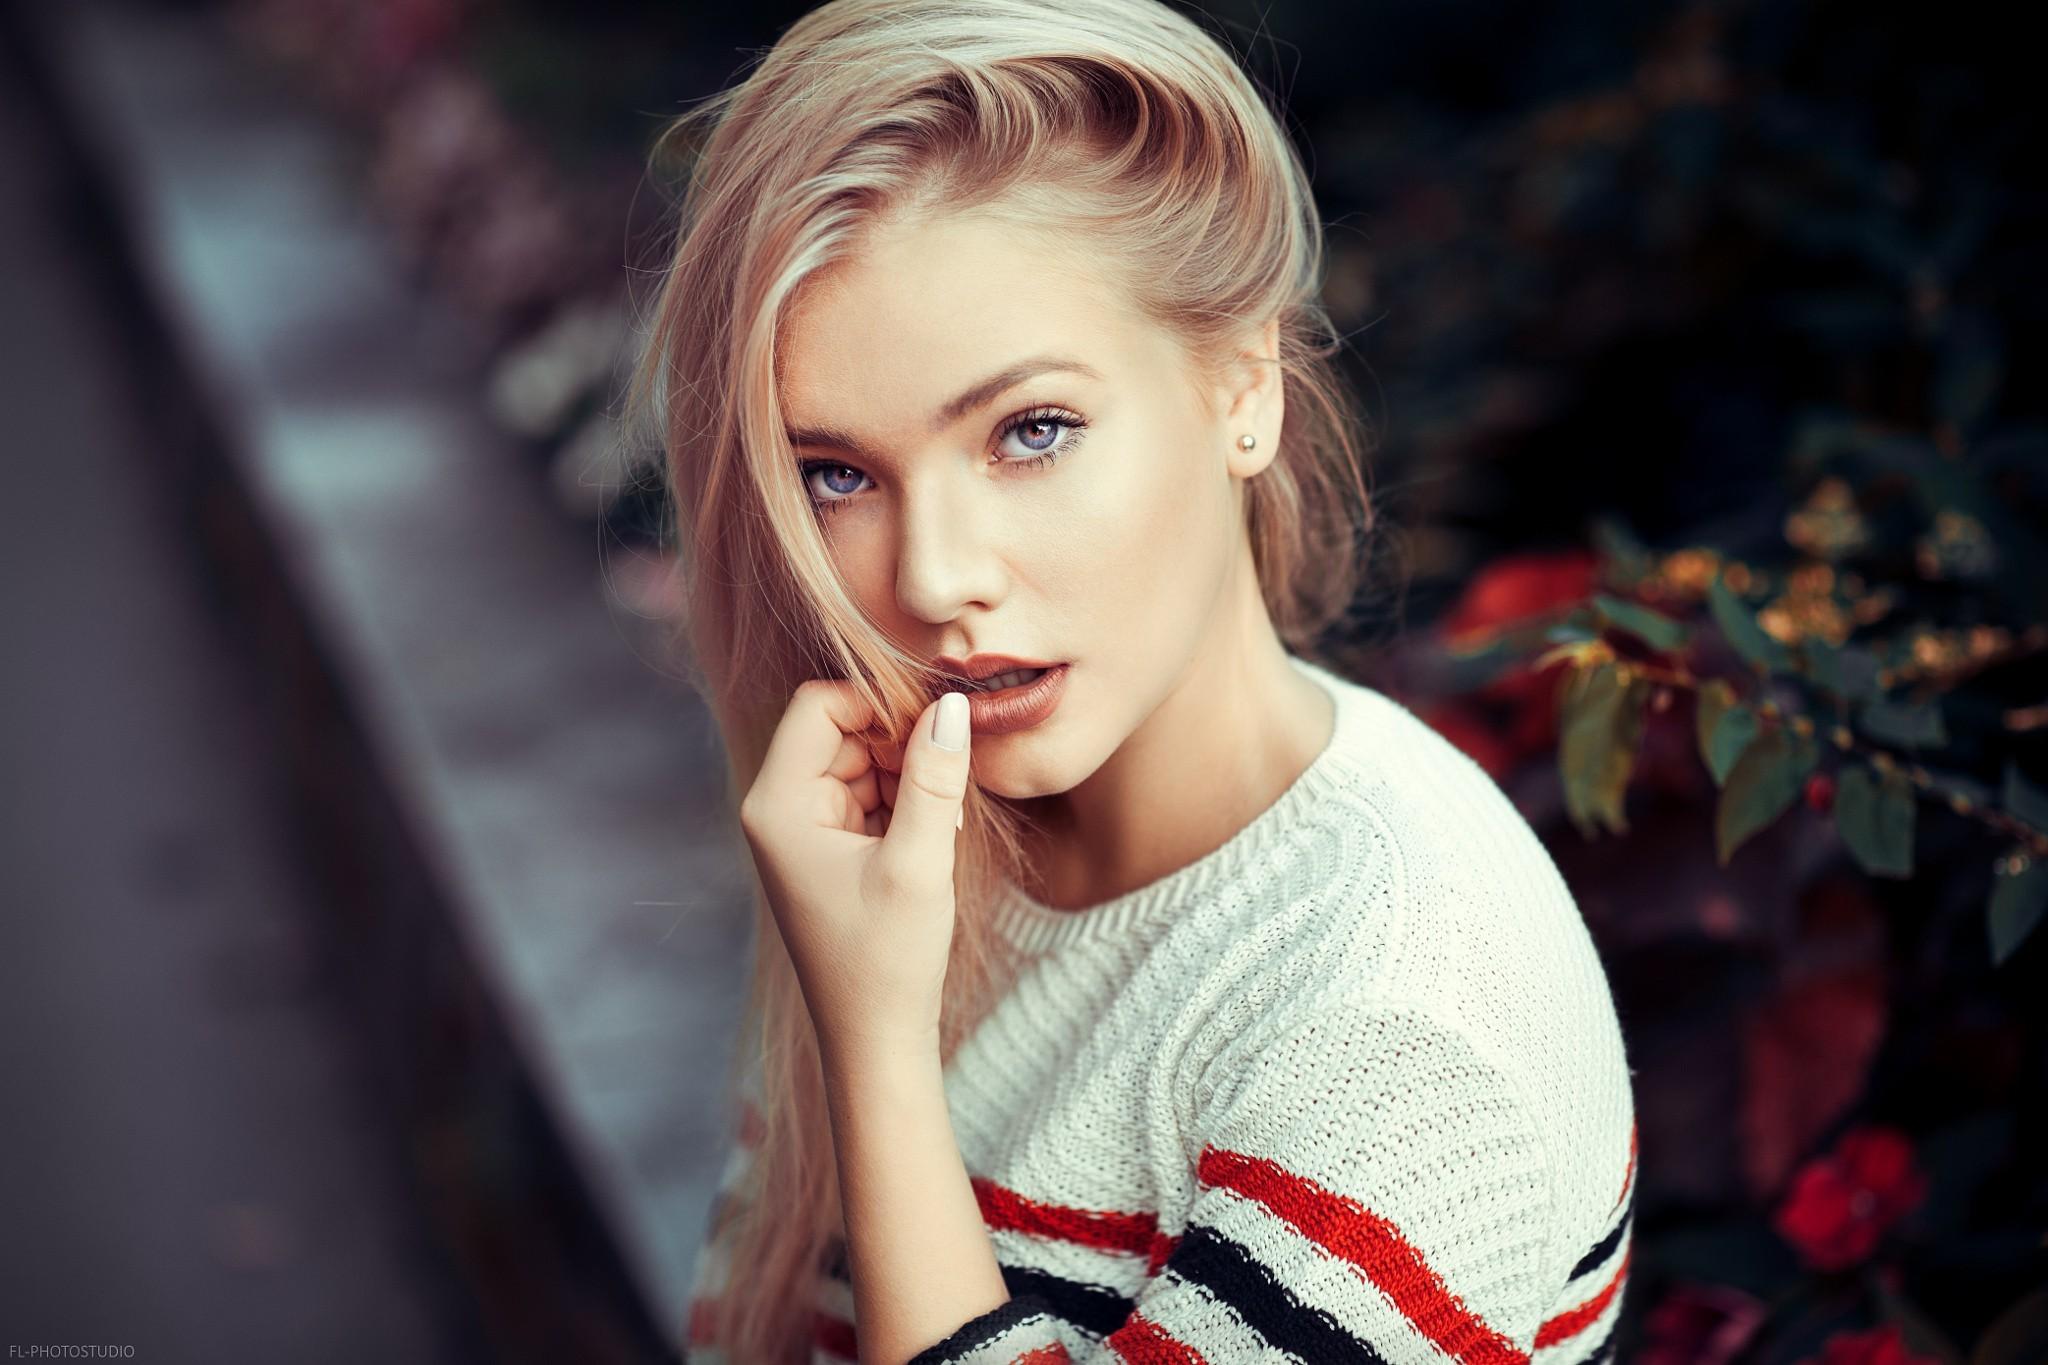 Фото блондинка голубоглазая, порнуха русская ролики